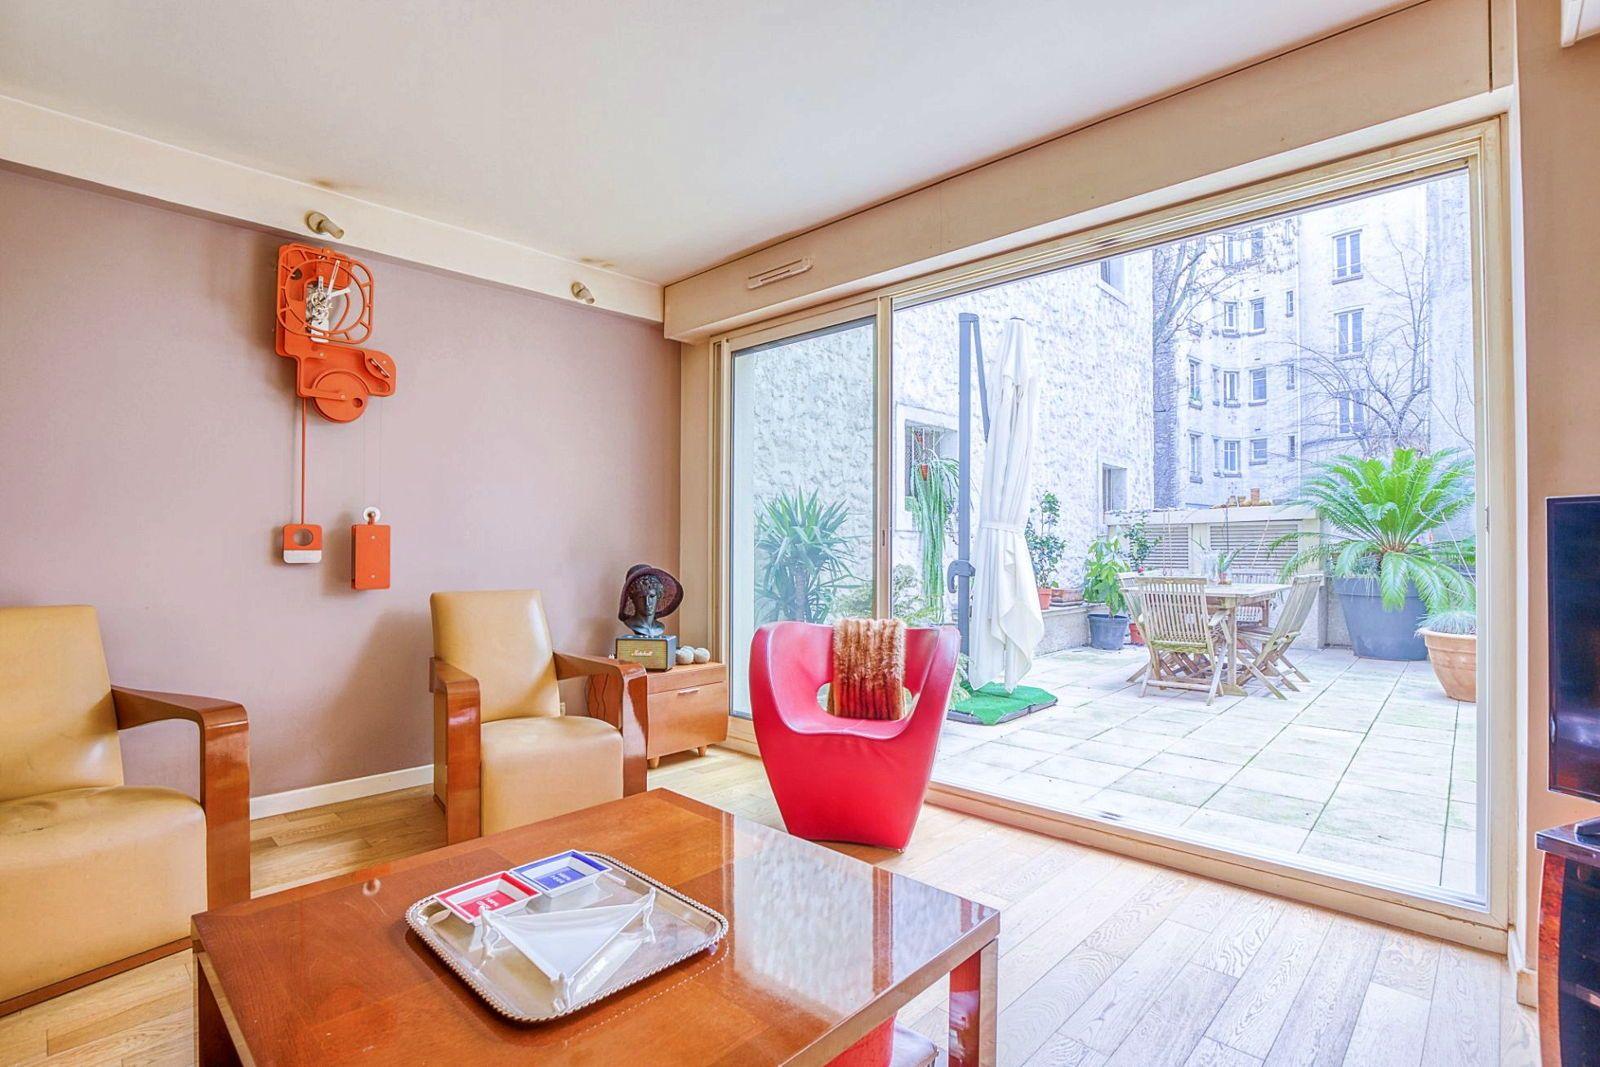 Vends appartementEglise d'Auteuil Paris 16ème - 6pièces / 4chambres 120m² + 43m² terrasse